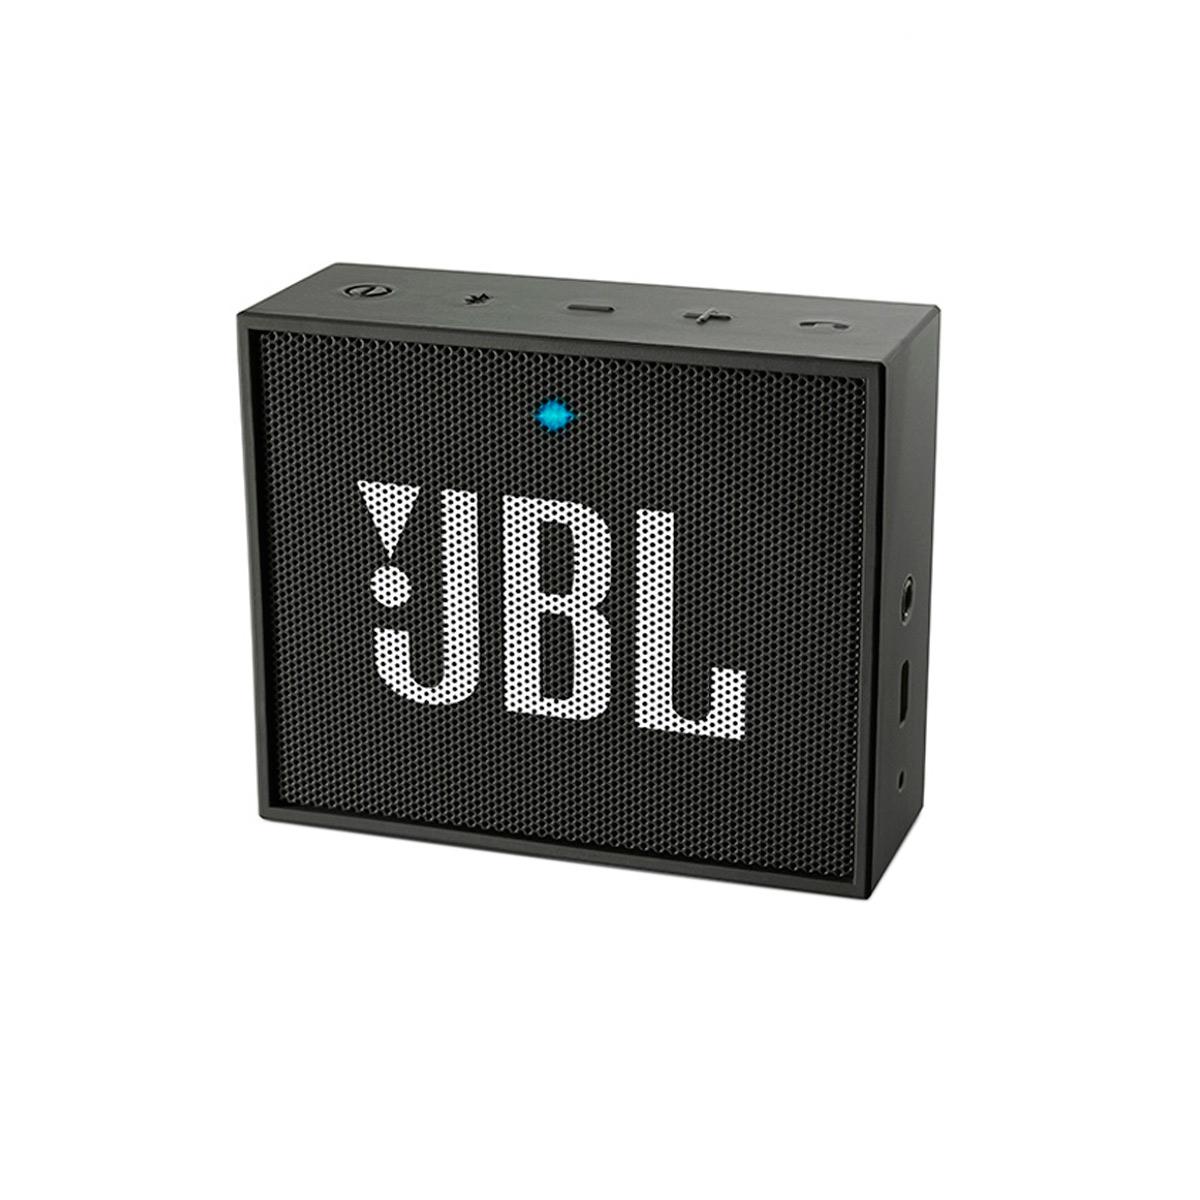 JBLGO - Caixa de Som Portátil 3W c/ Bluetooth JBL GO Preto - JBL